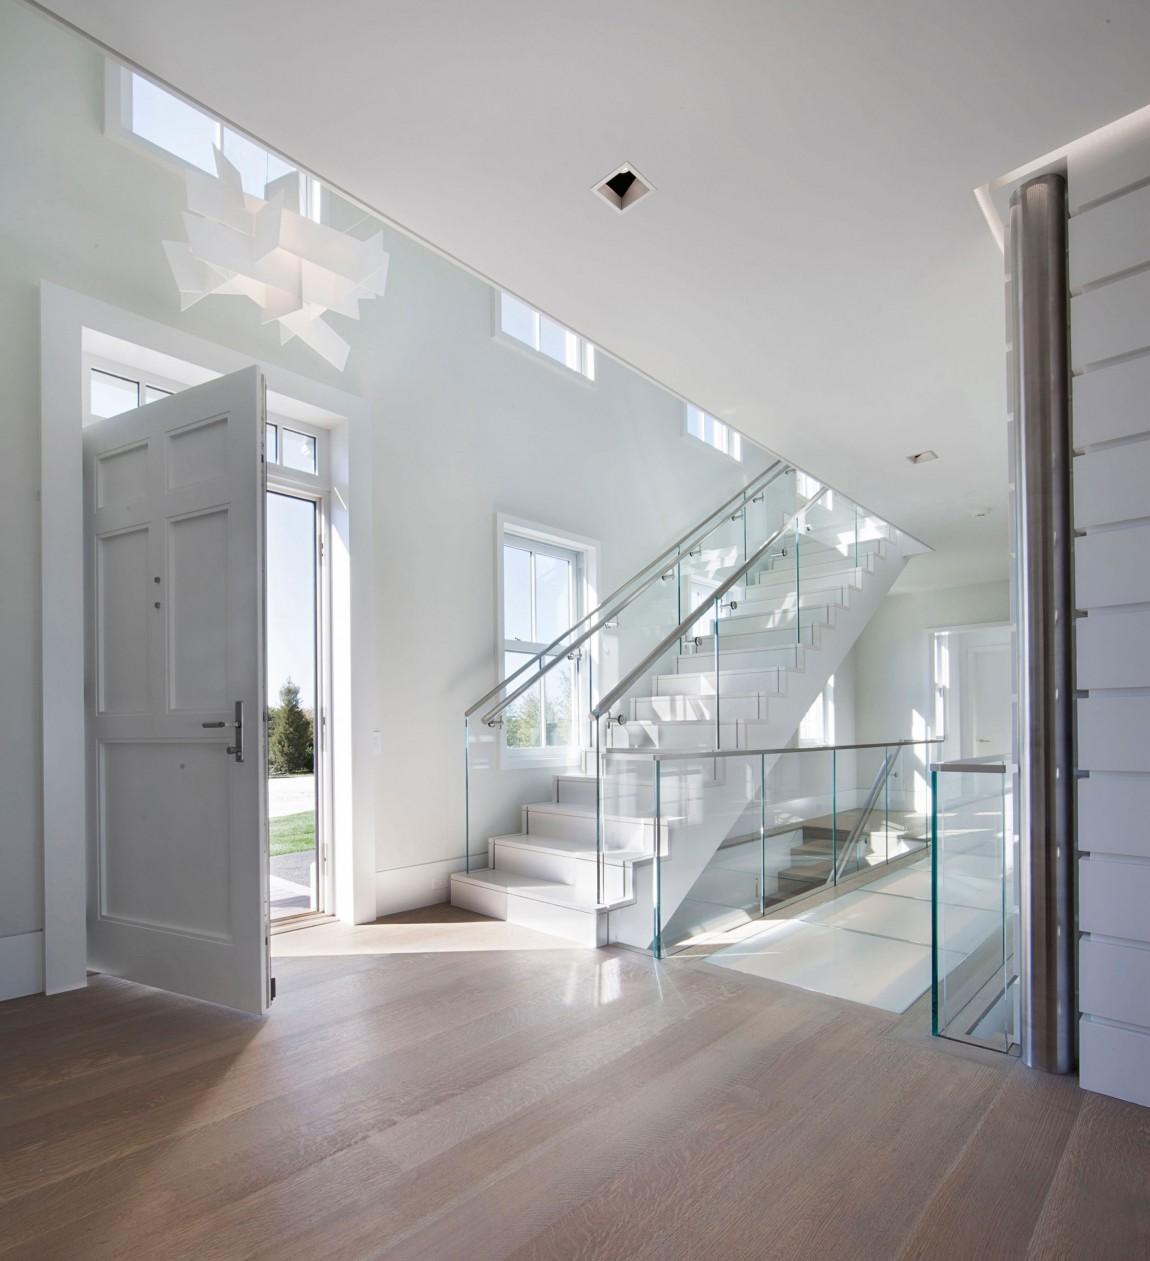 Casas de ensueño: una vivienda sobria por fuera pero divertida por dentro (EEUU)